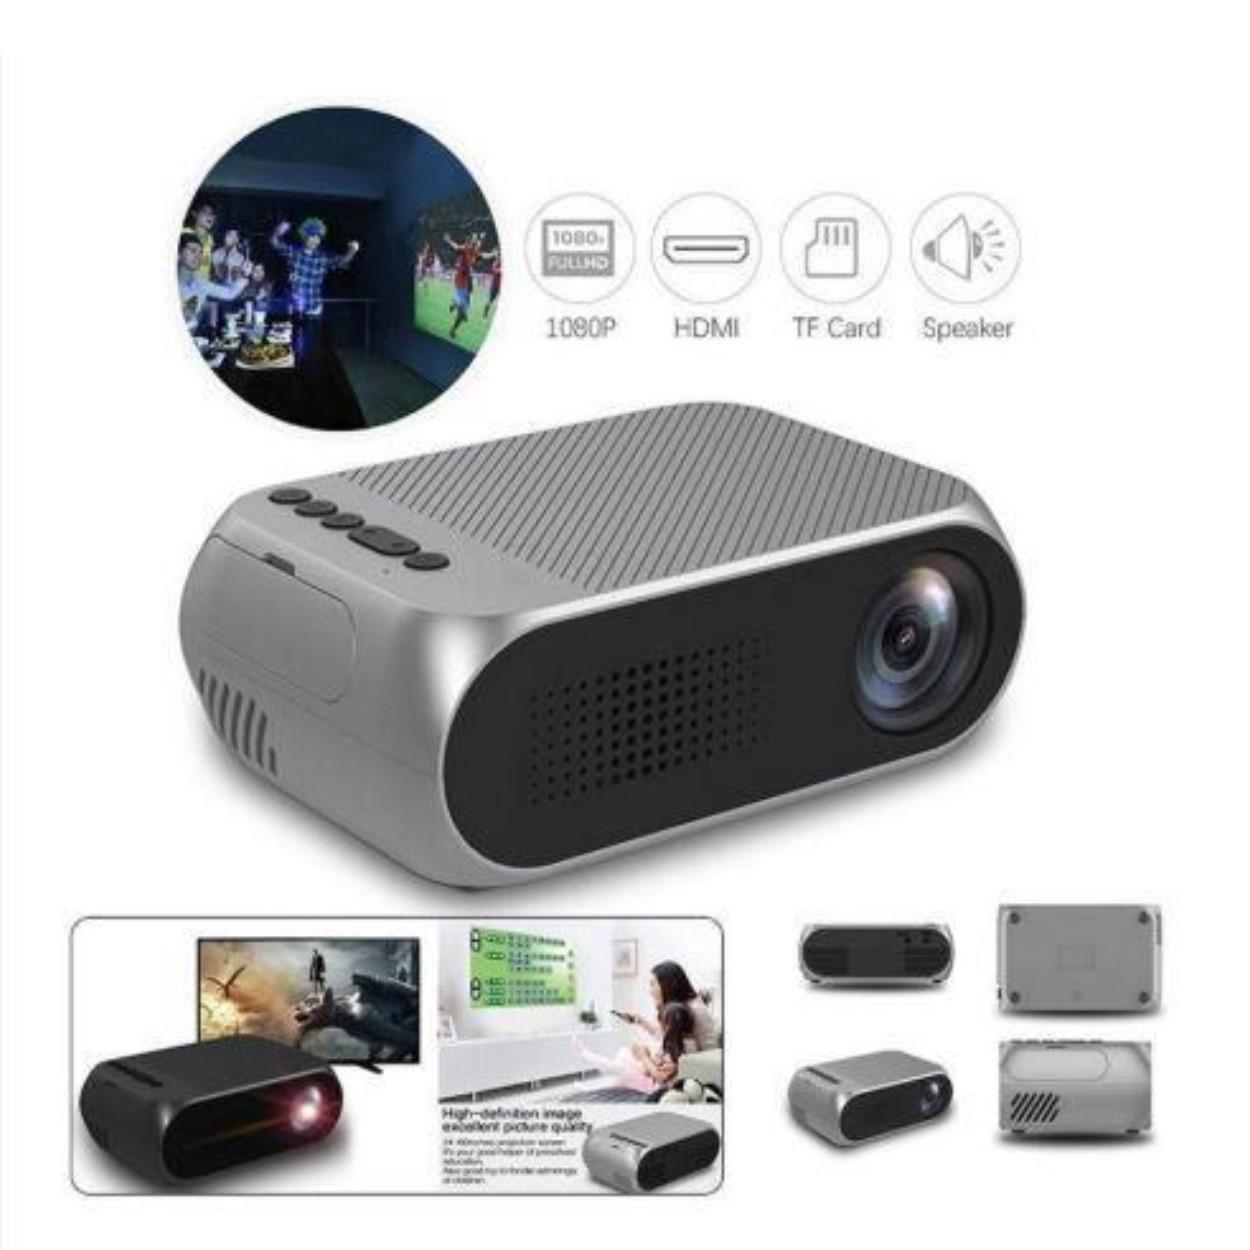 Máy chiếu Mini Smart Pro M1 1080p nhỏ gọn độ sáng 600 Lumens